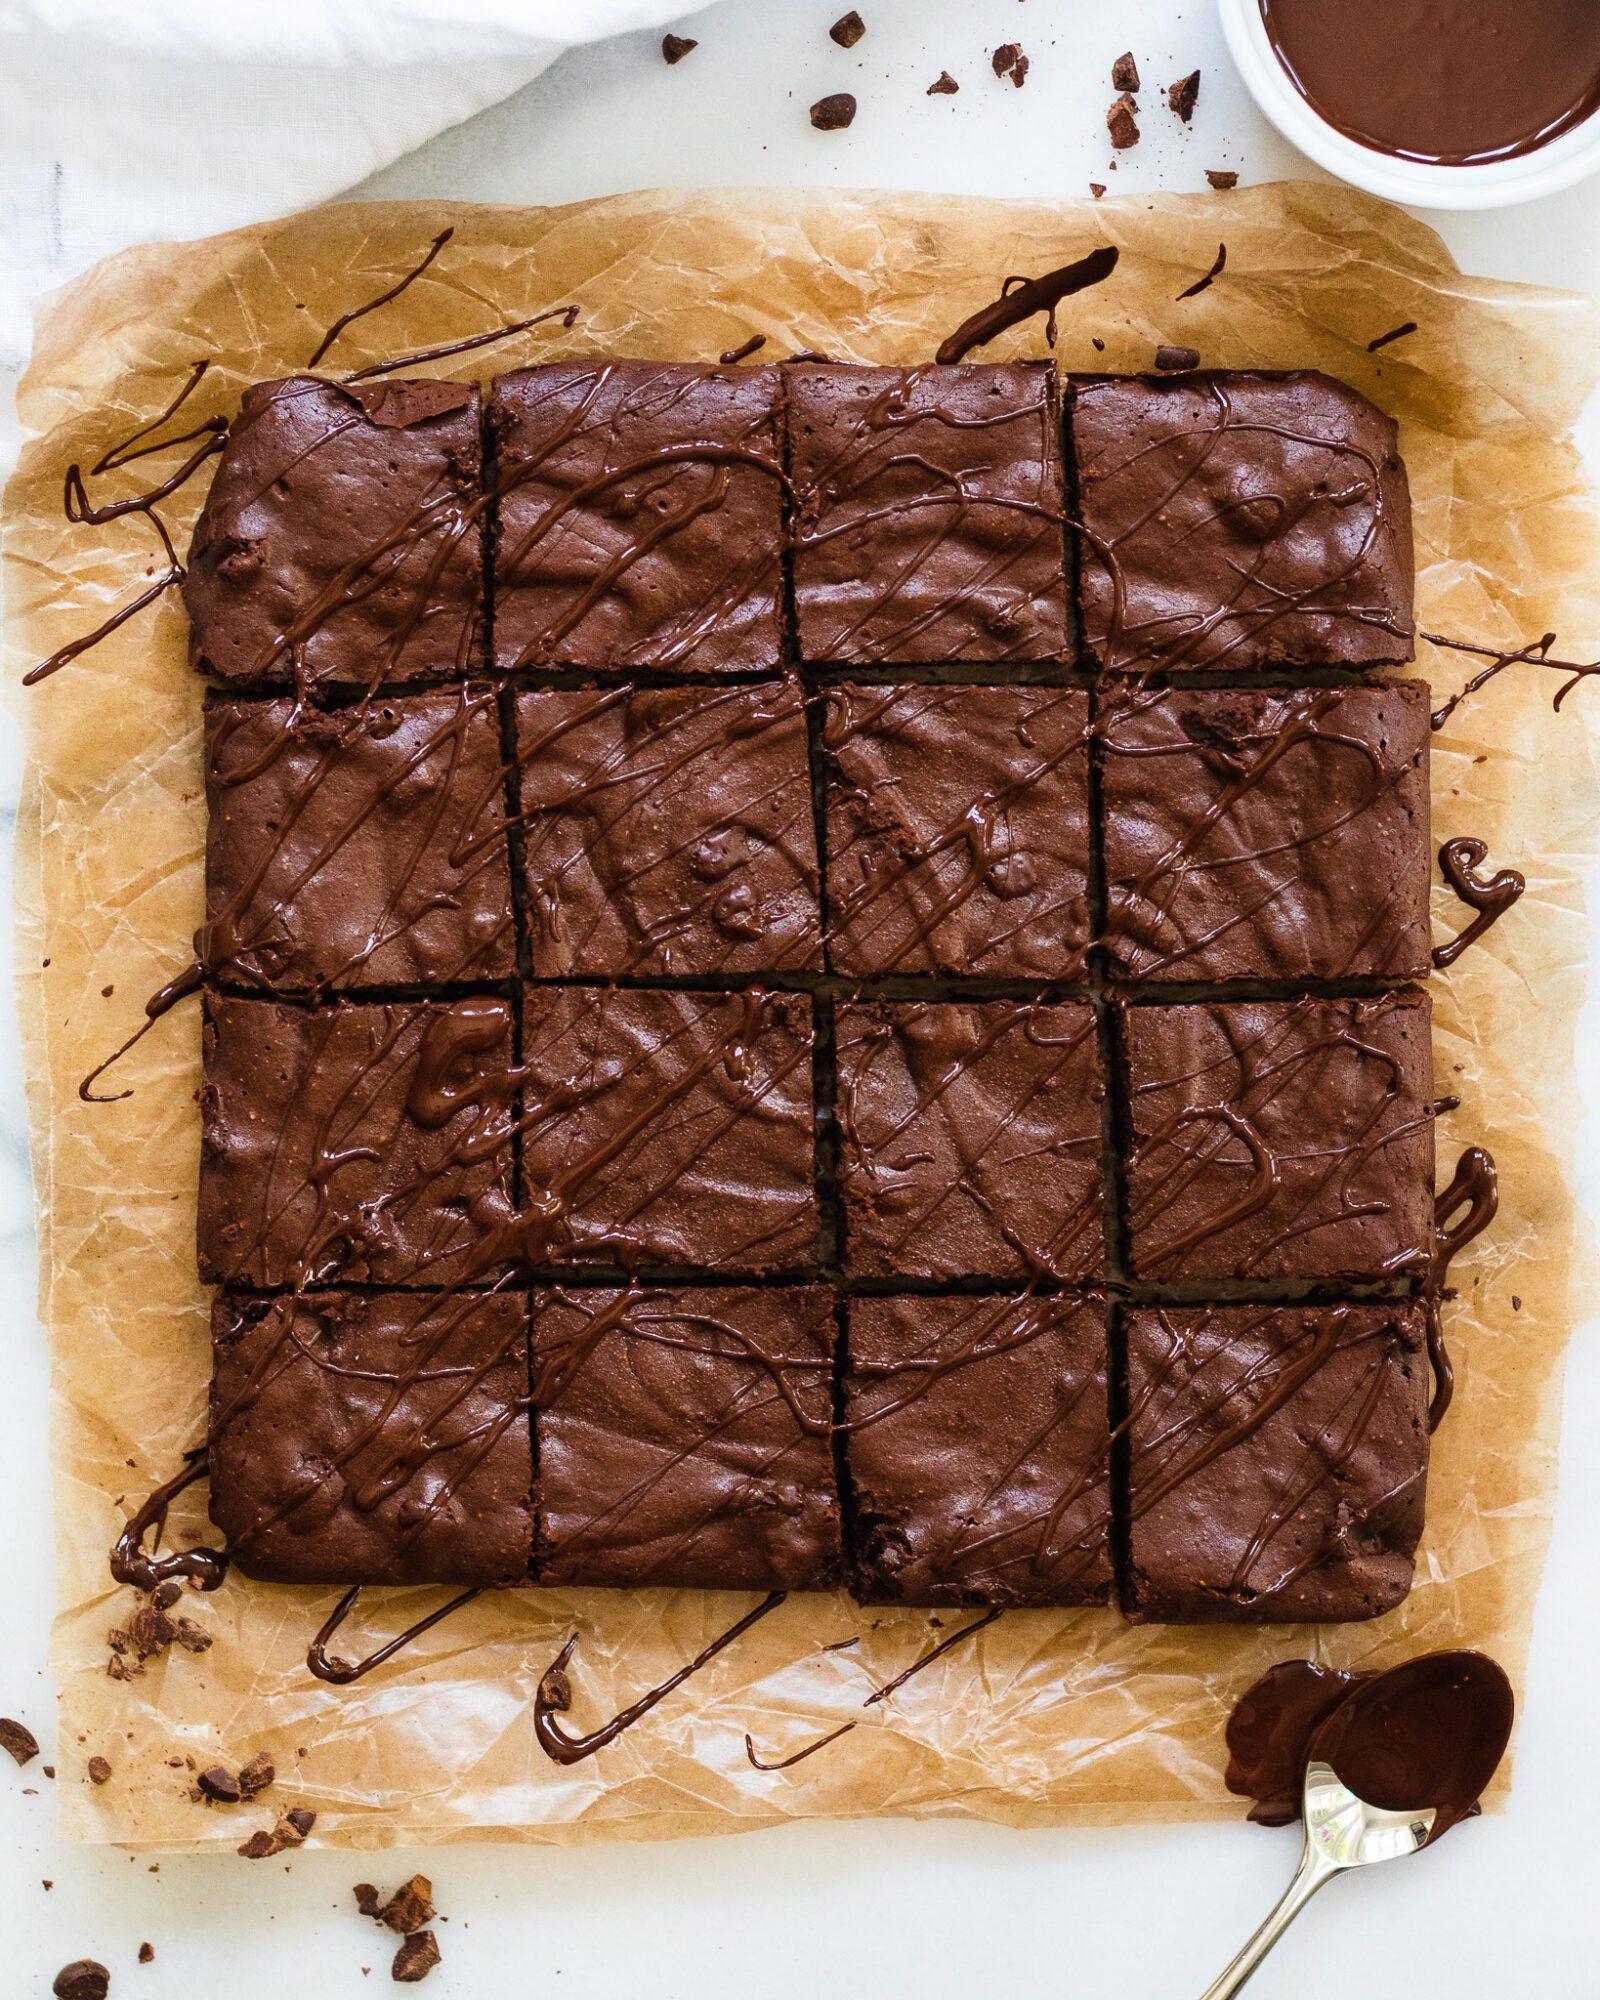 paleo fudge brownies on wax paper